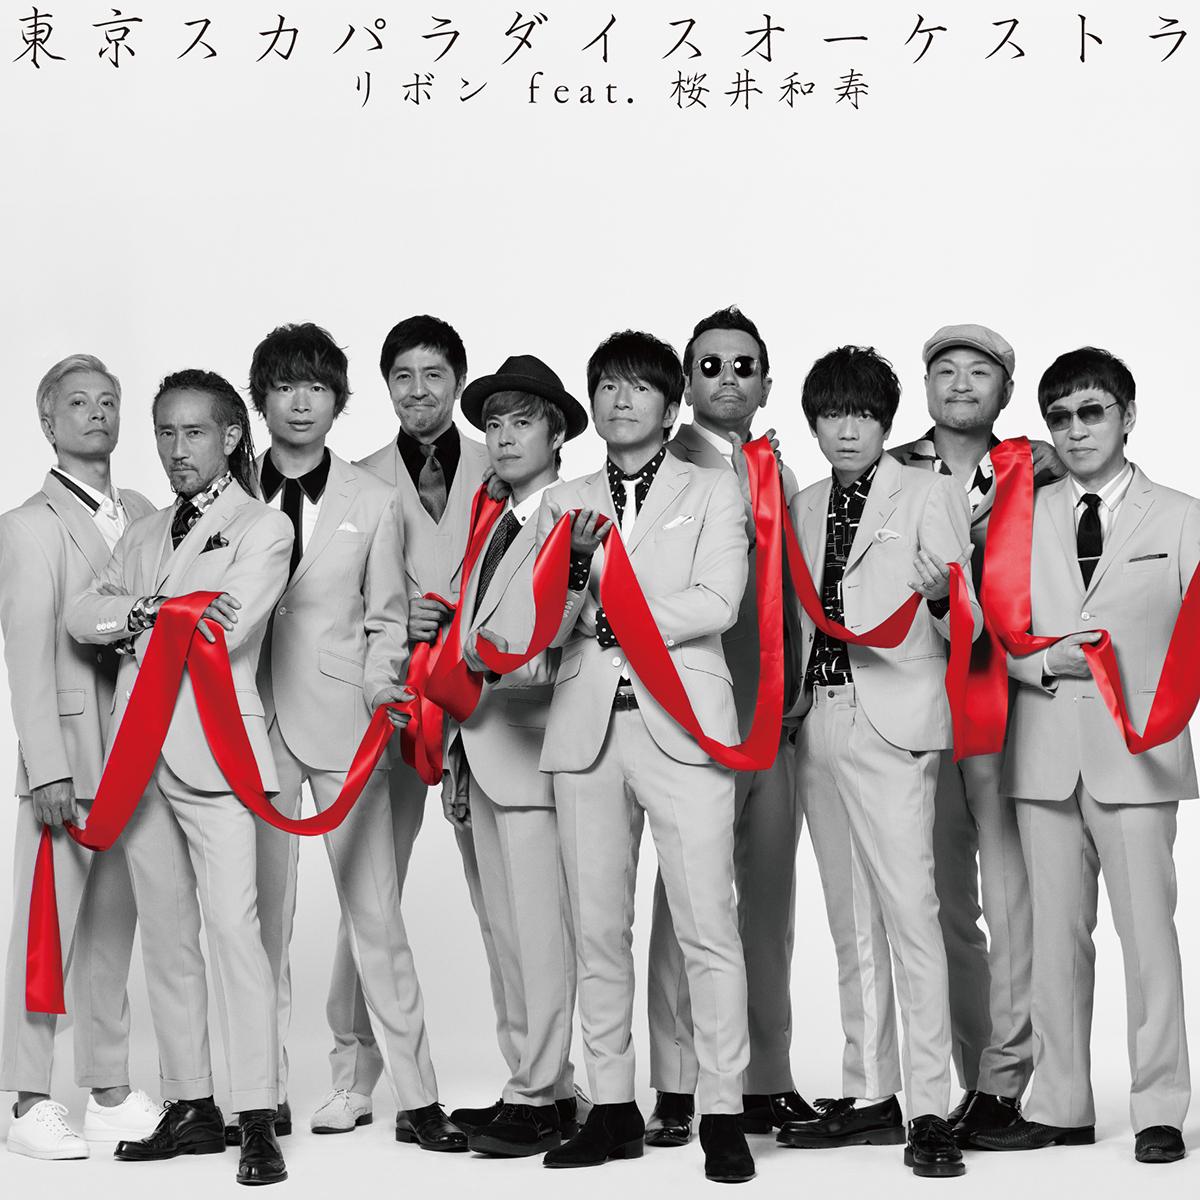 東京スカパラダイスオーケストラ、桜井和寿